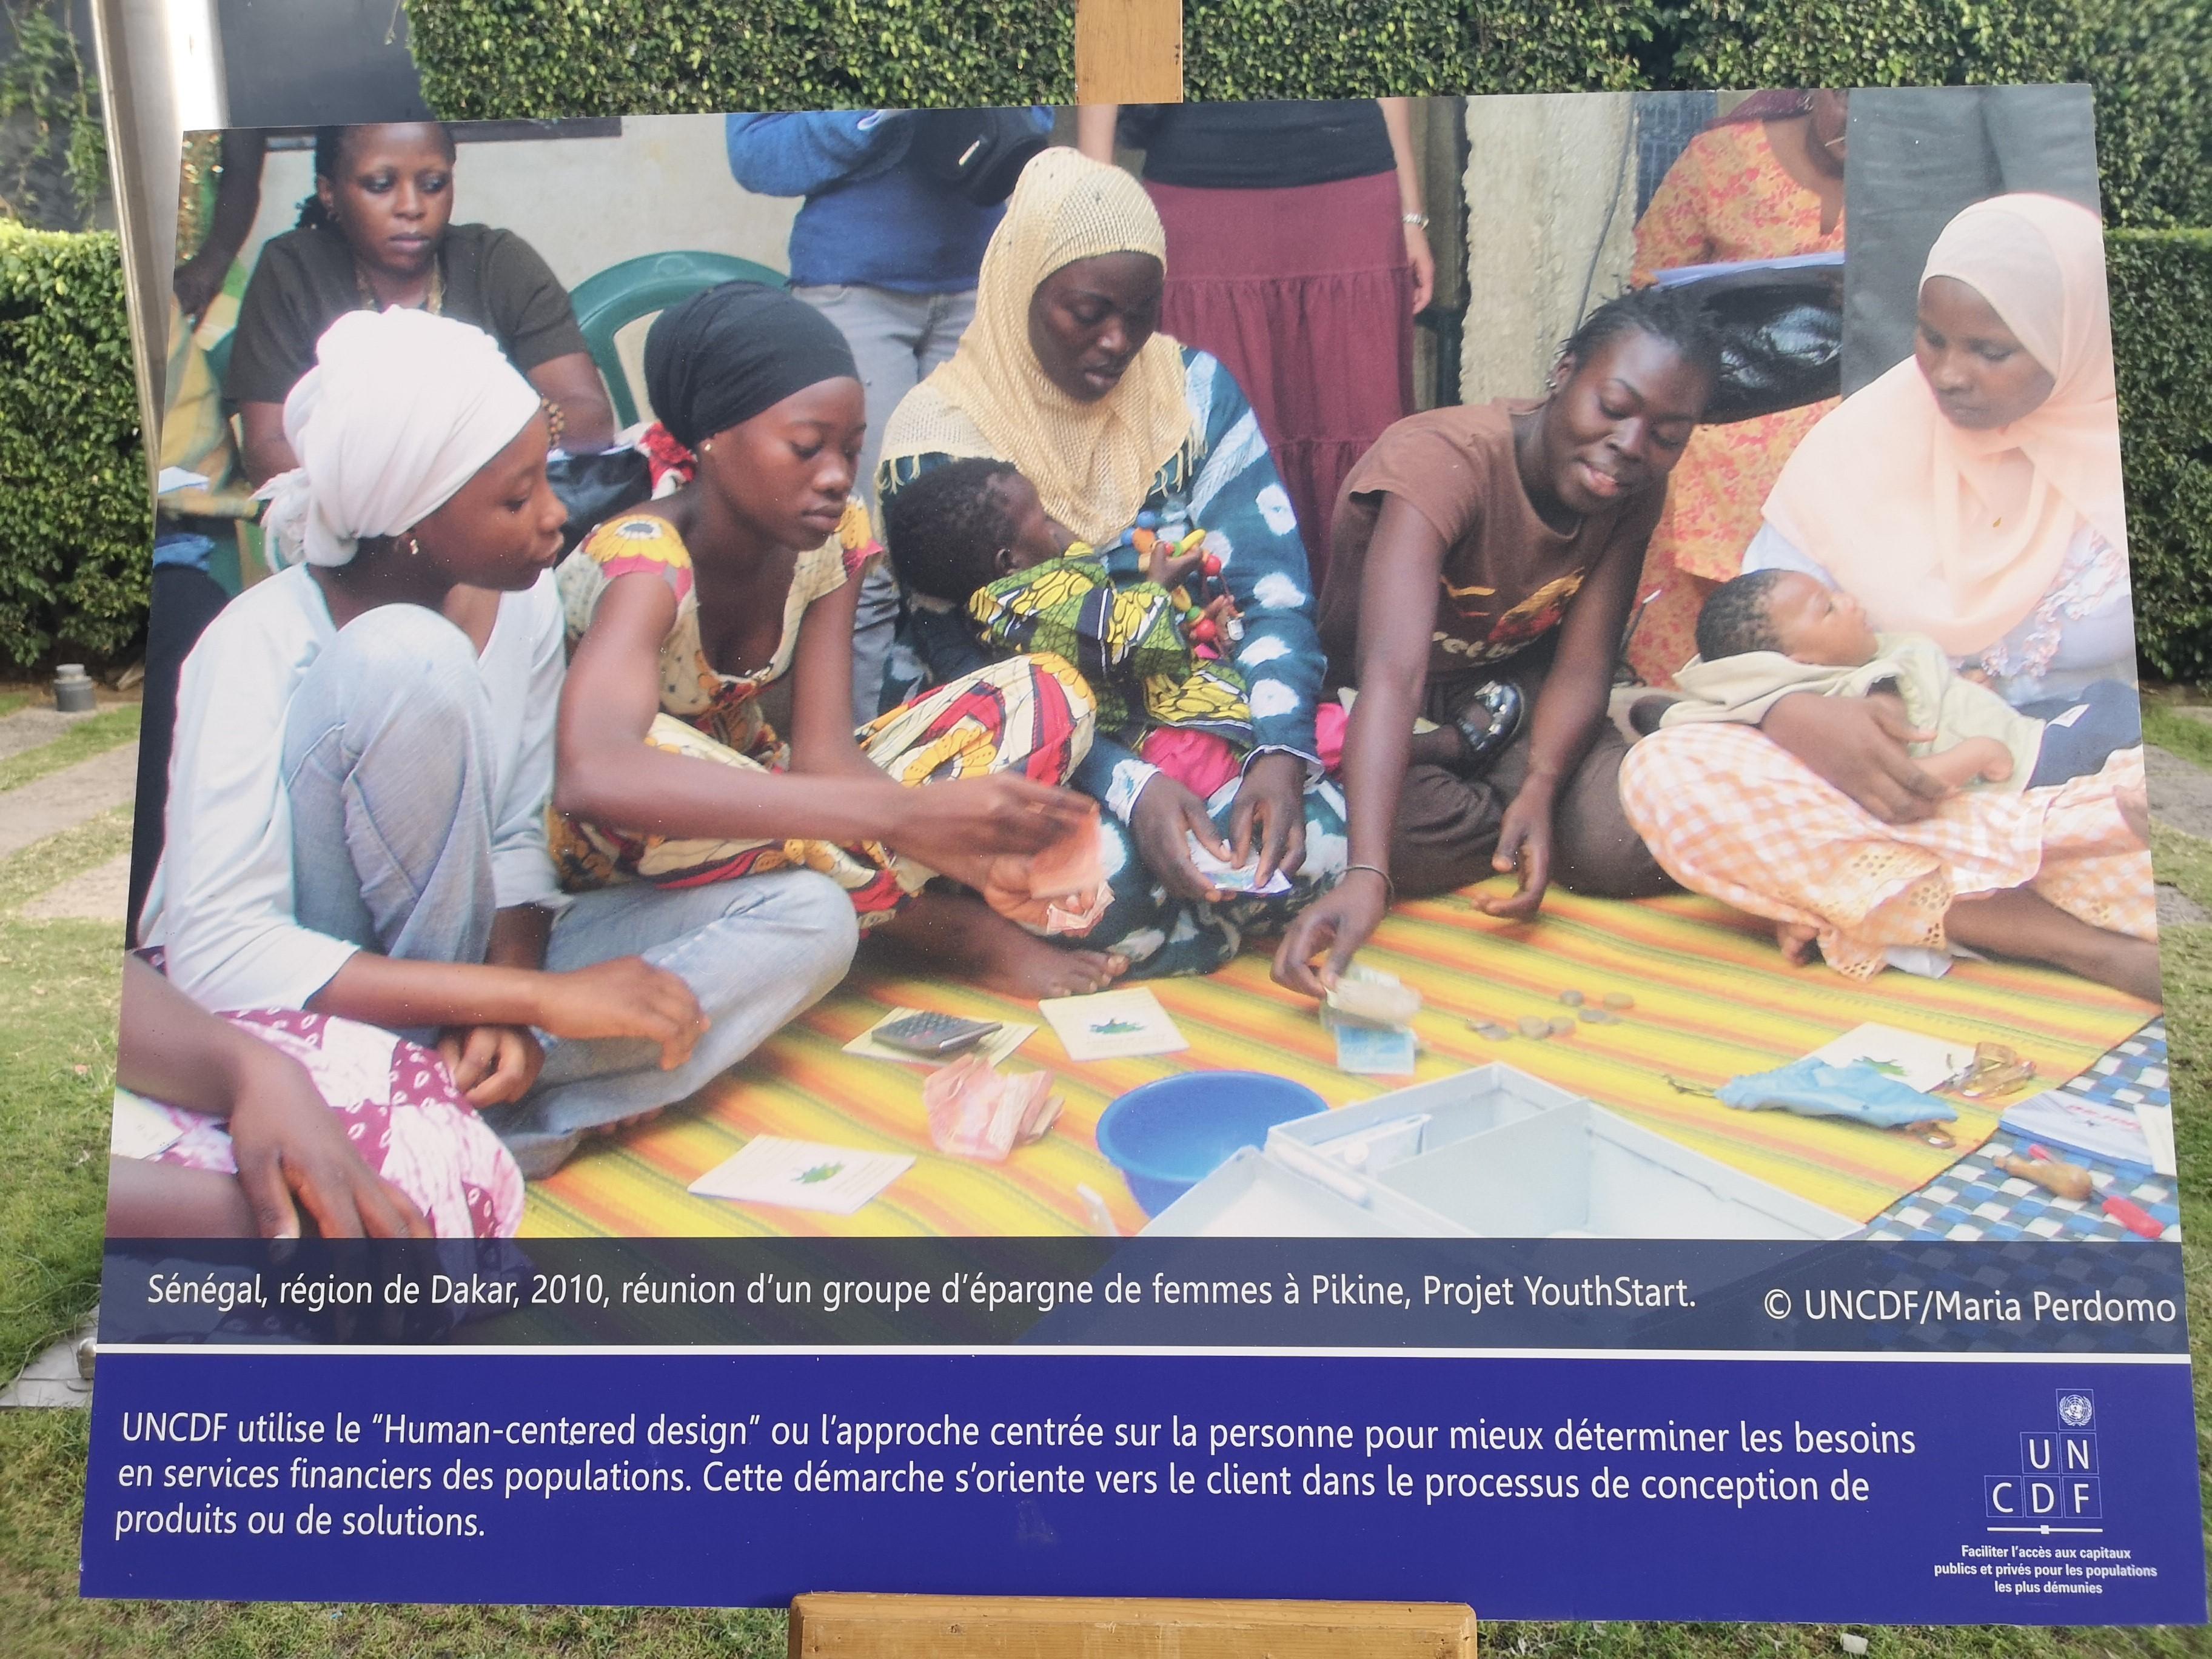 Exposition Photos : L'UNCDF retrace 40 ans d'actions  pour le développement